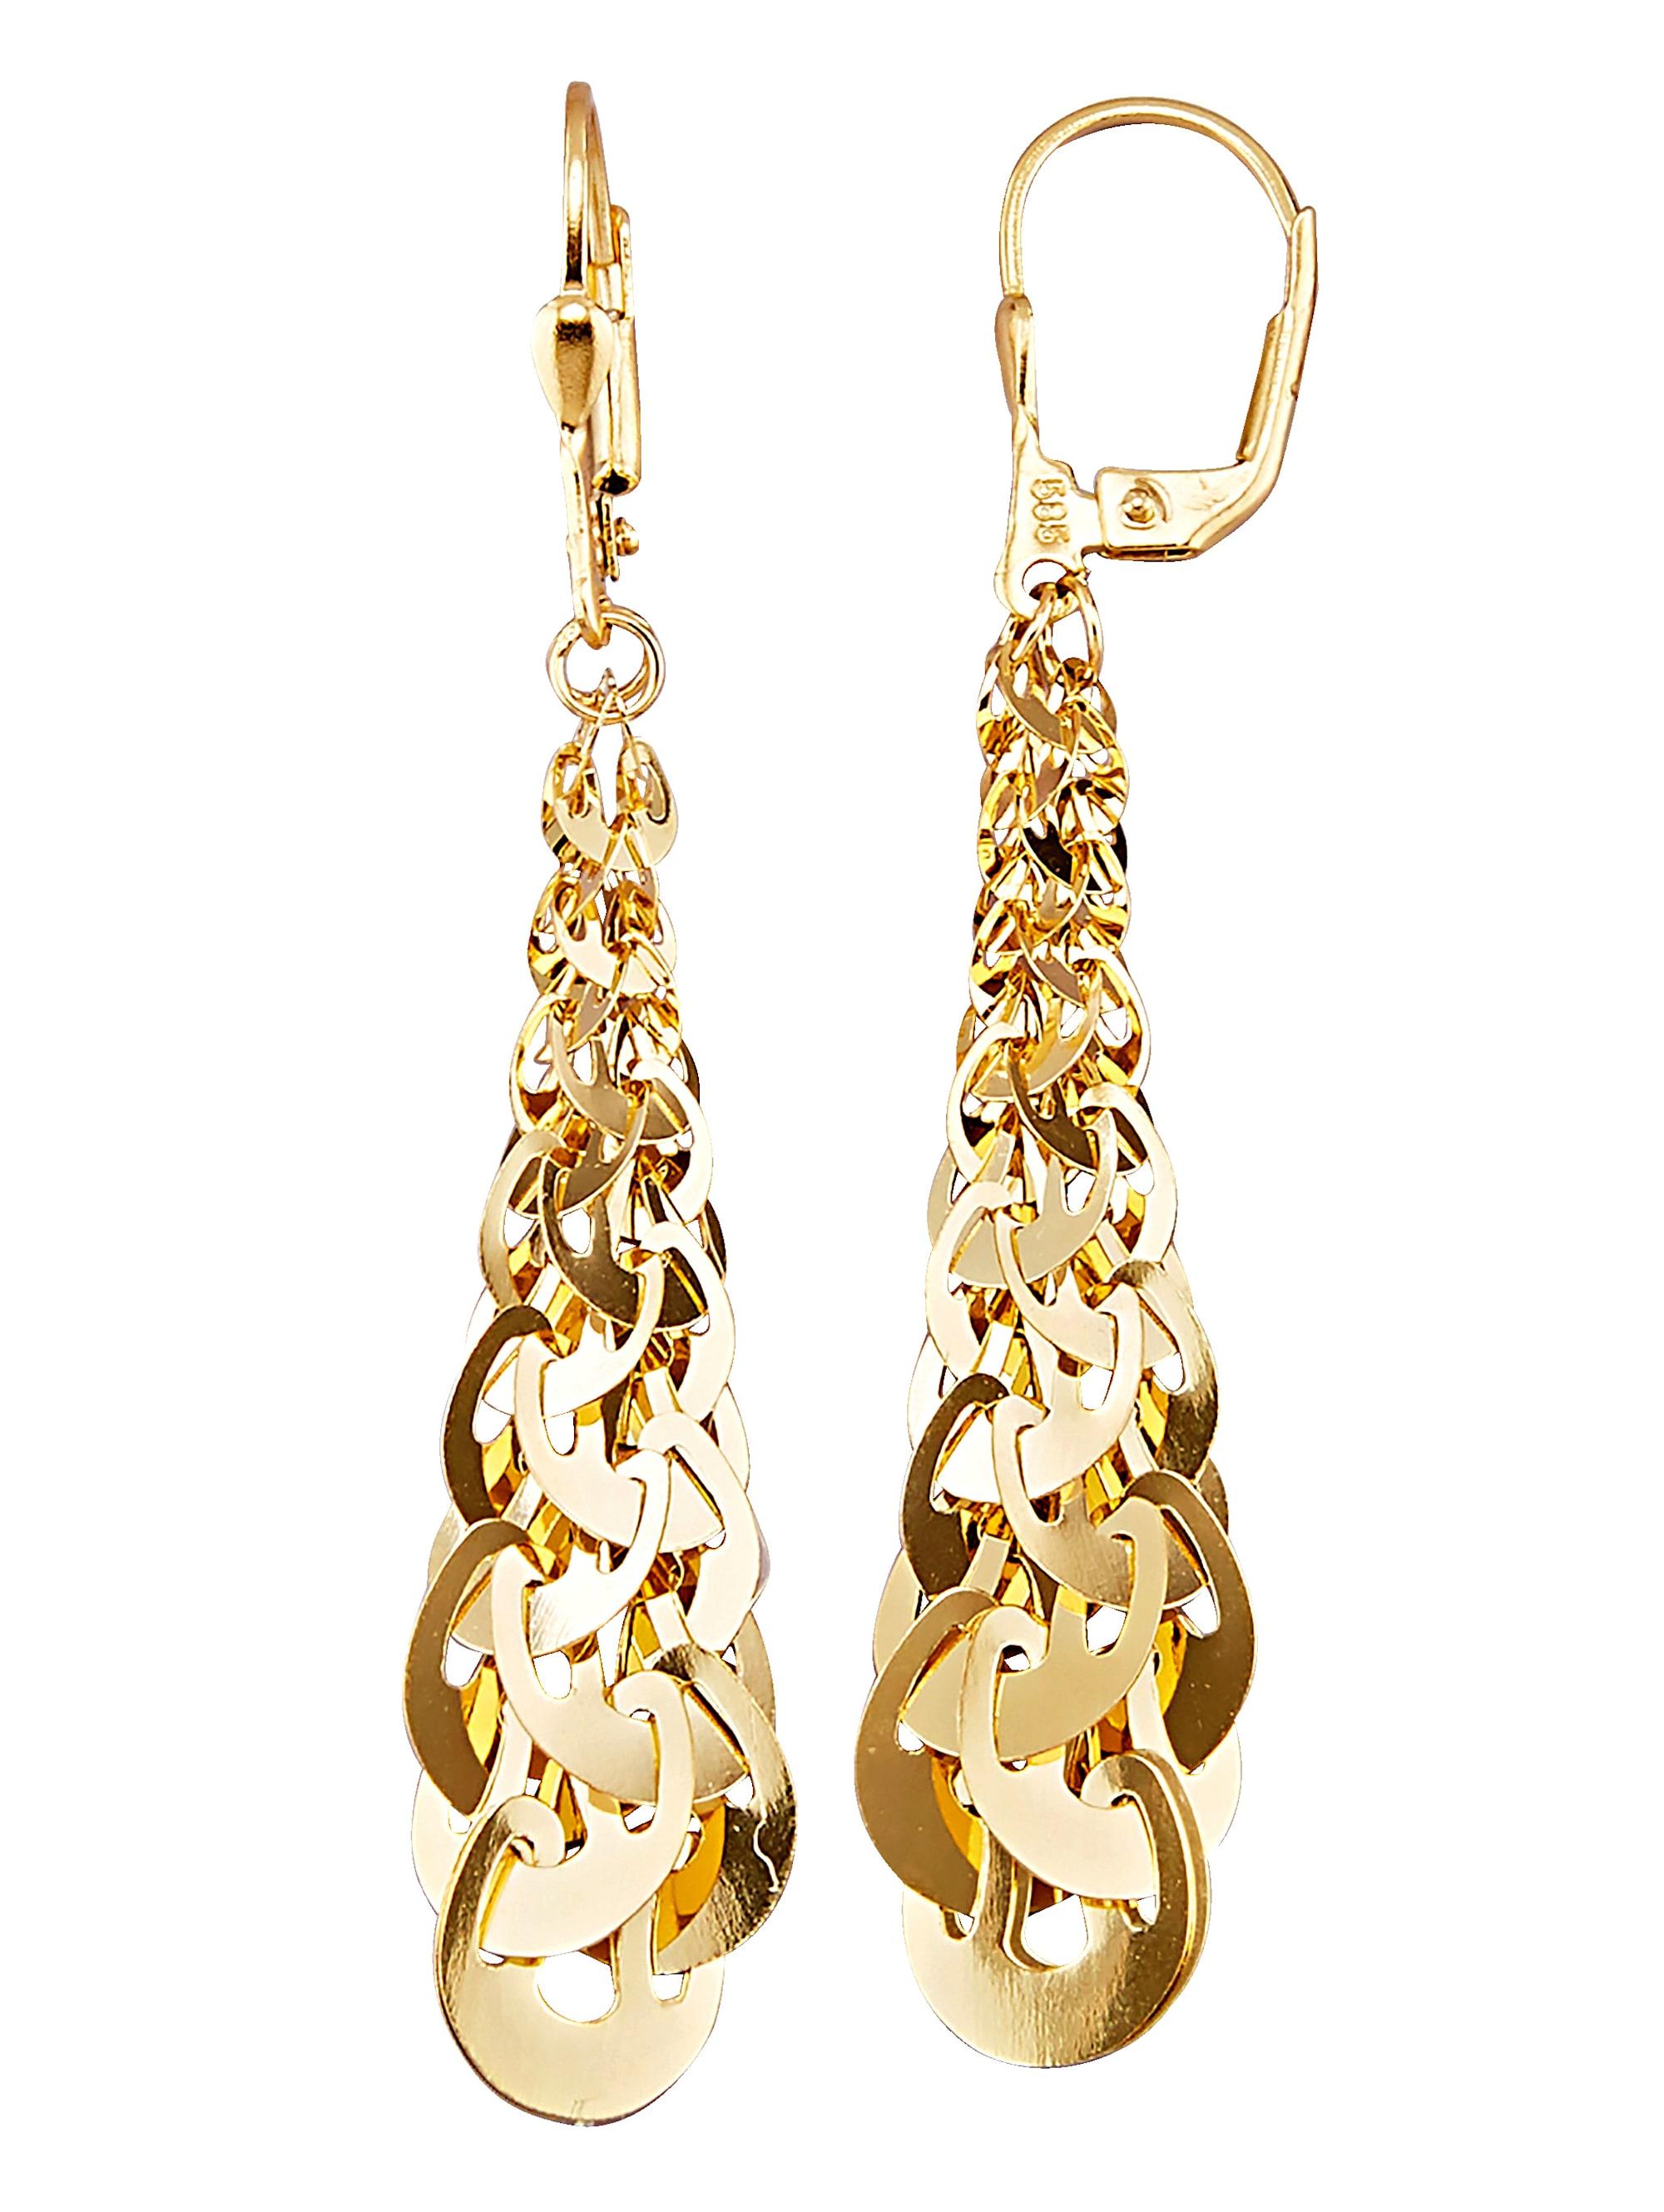 Diemer Gold Ohrringe in Gelbgold IvQE3